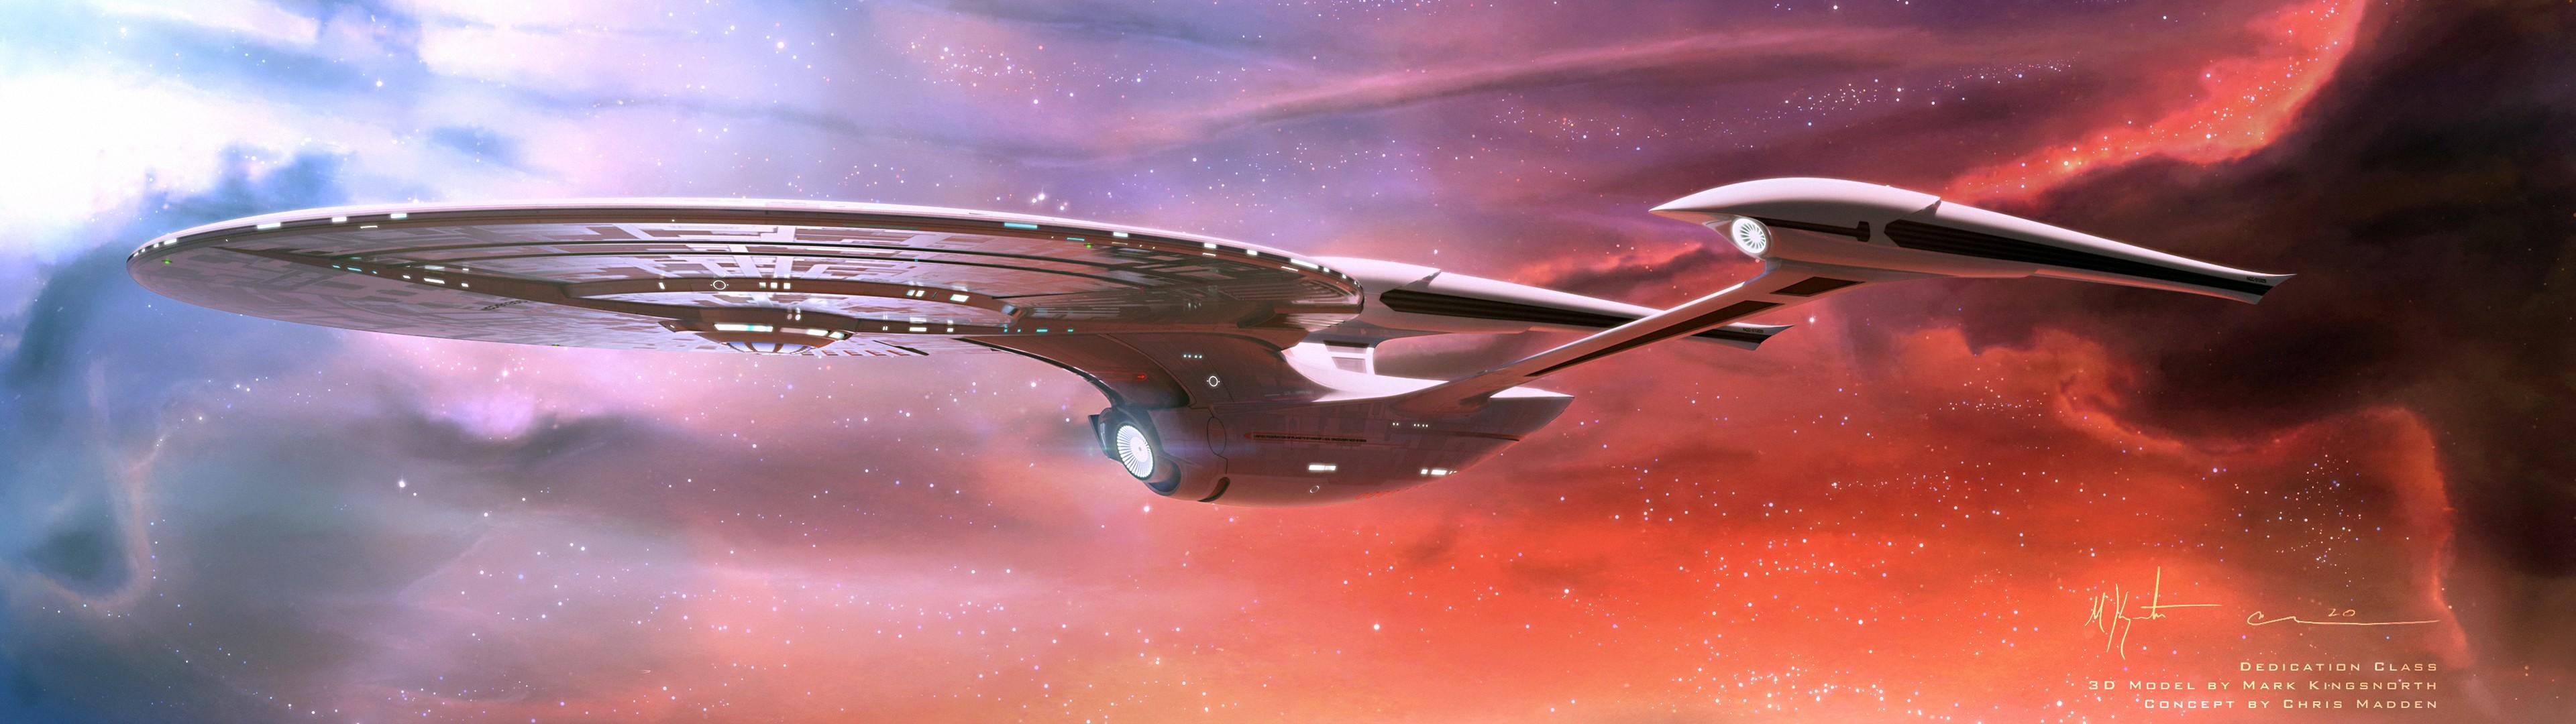 General Star Trek USS Enterprise (spaceship) space nebula multiple  display dual monitors